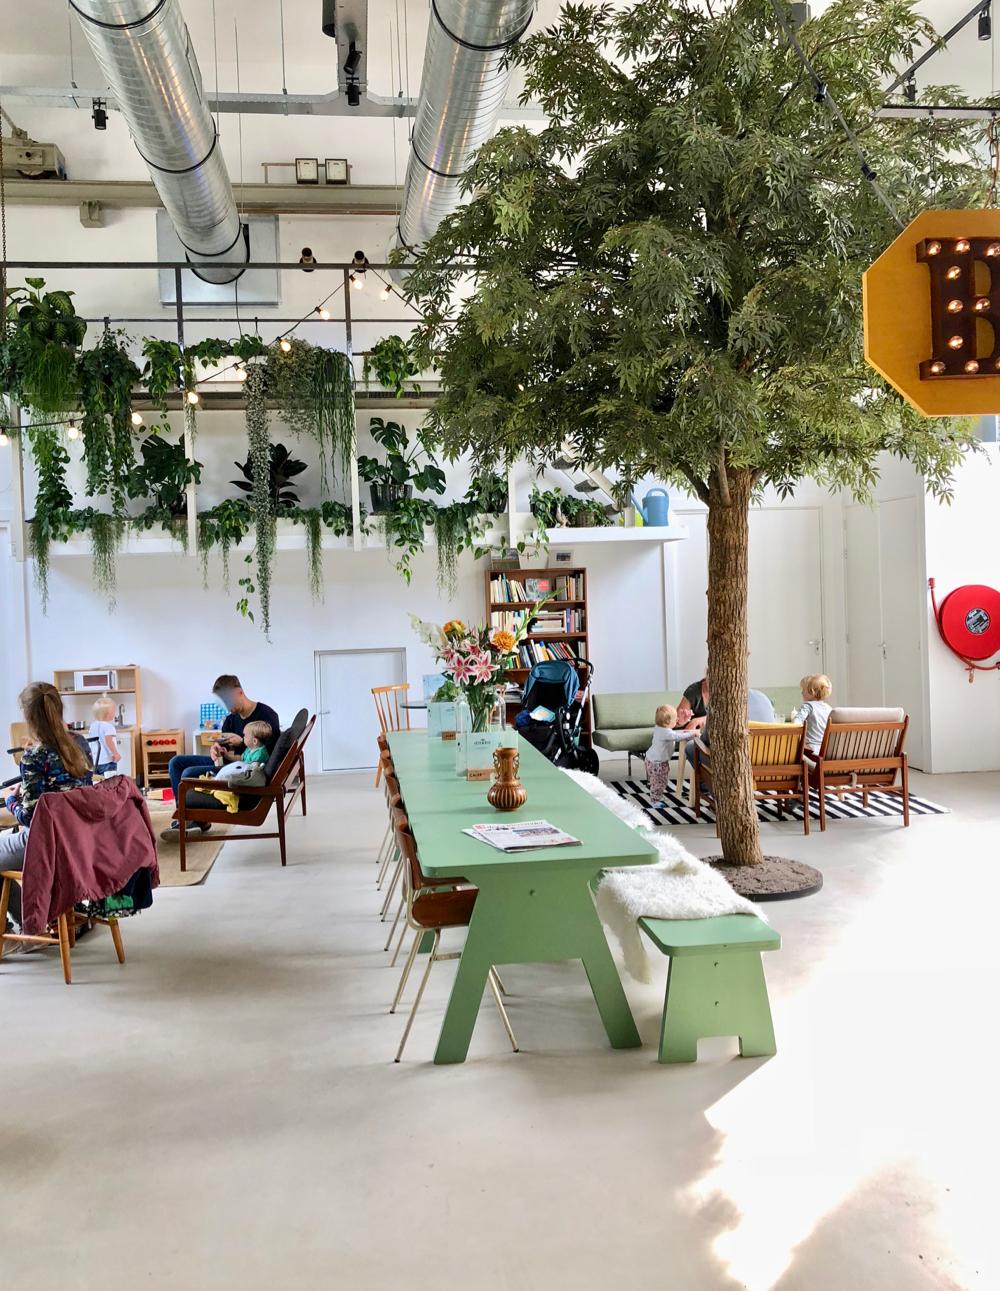 Een hoge ruimte bij Stroom Lent, met lange groene tafel met banken, een boom en veel planten aan de muur